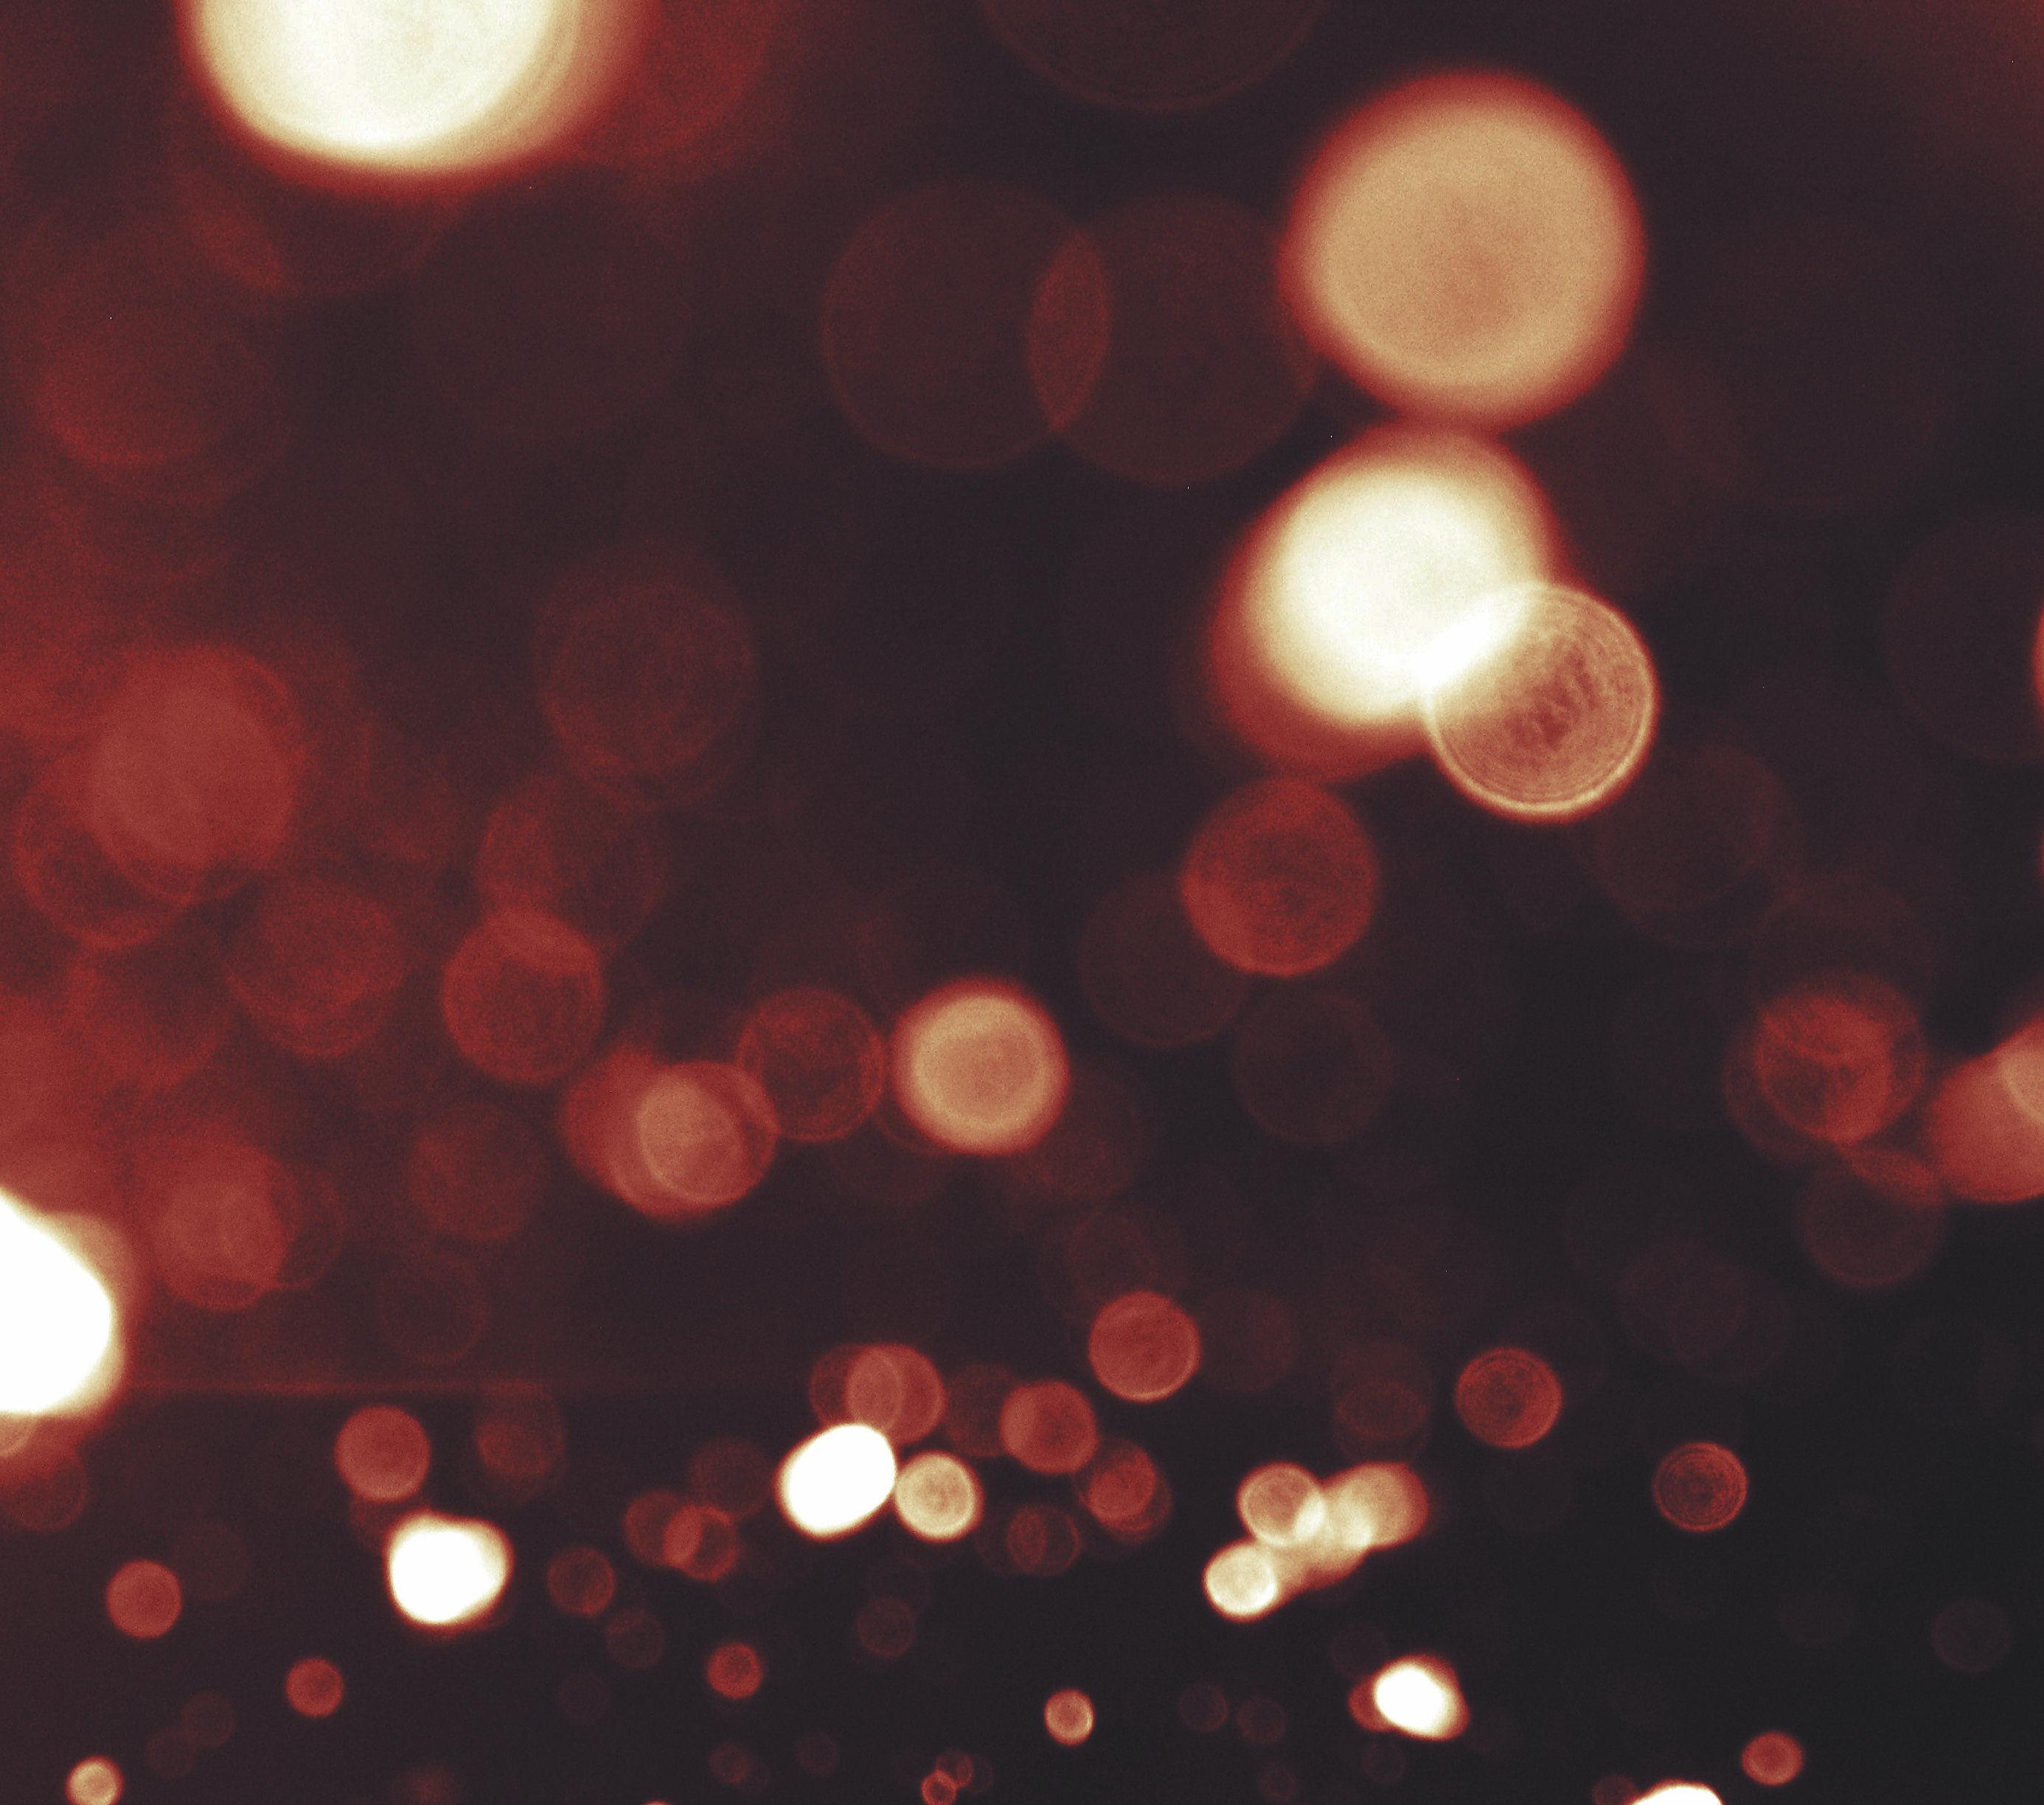 Love light Bokeh texture